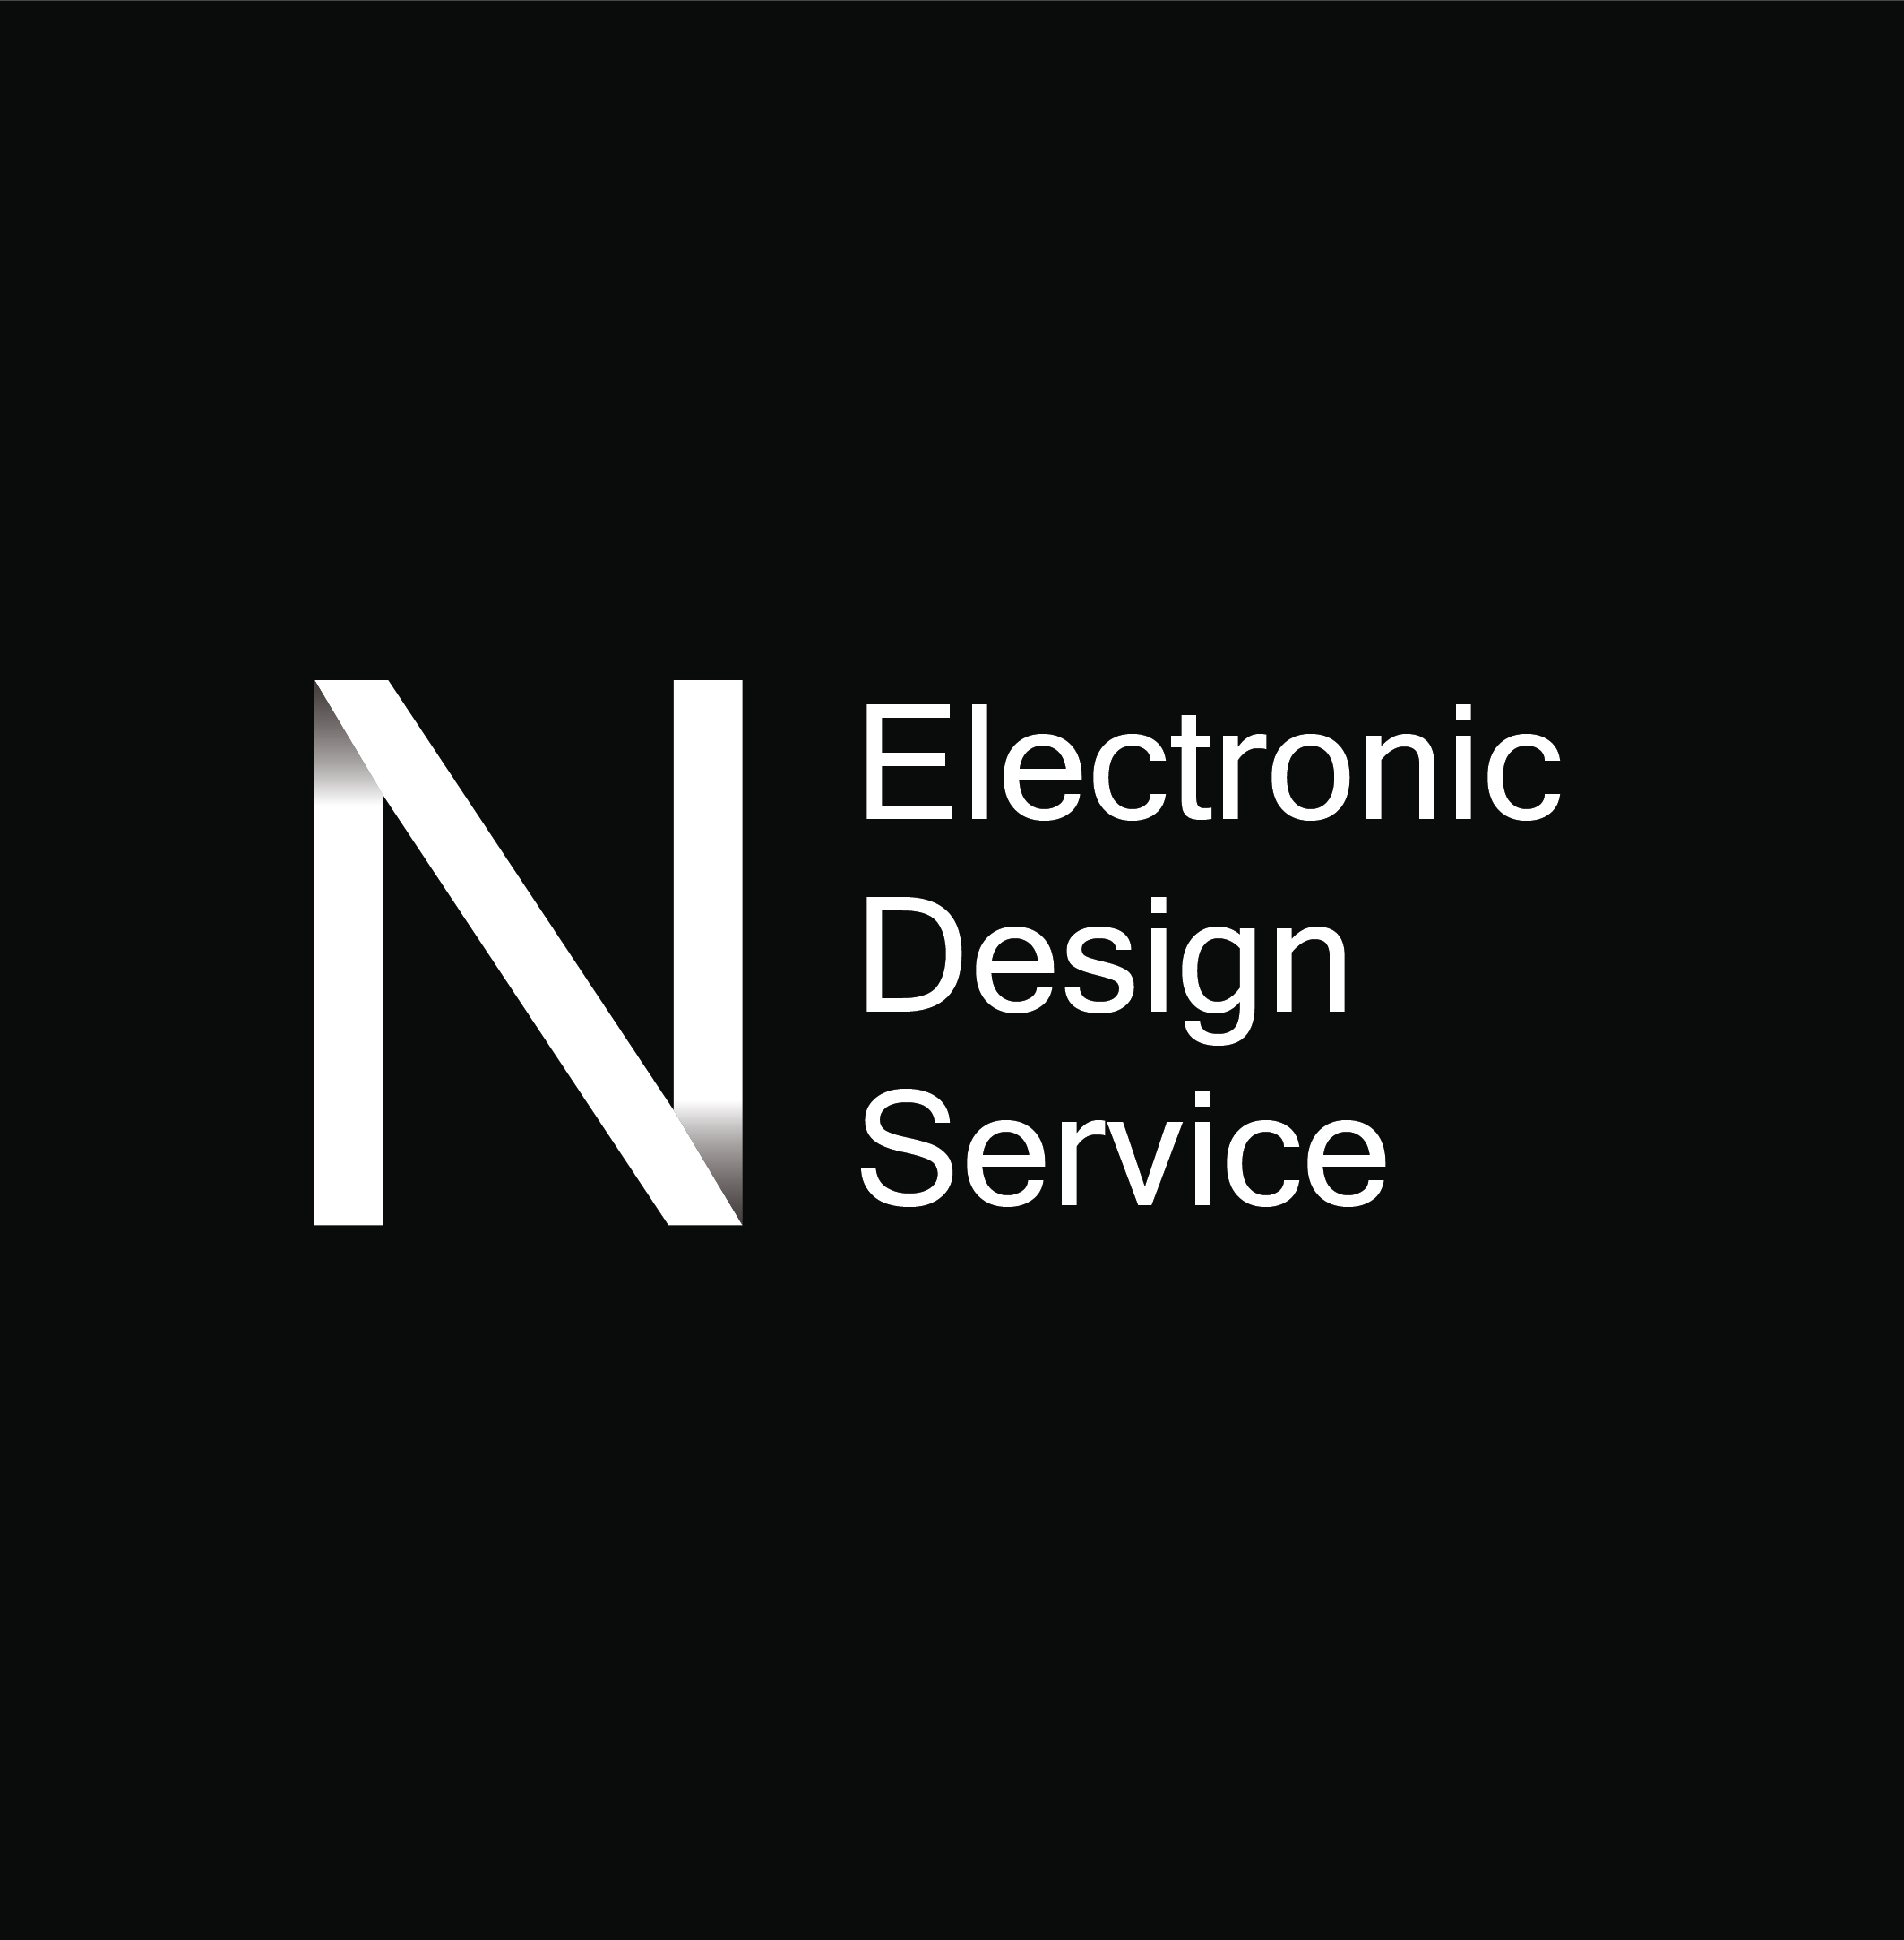 Разработать логотип для КБ по разработке электроники фото f_5715e3e96a60625b.png